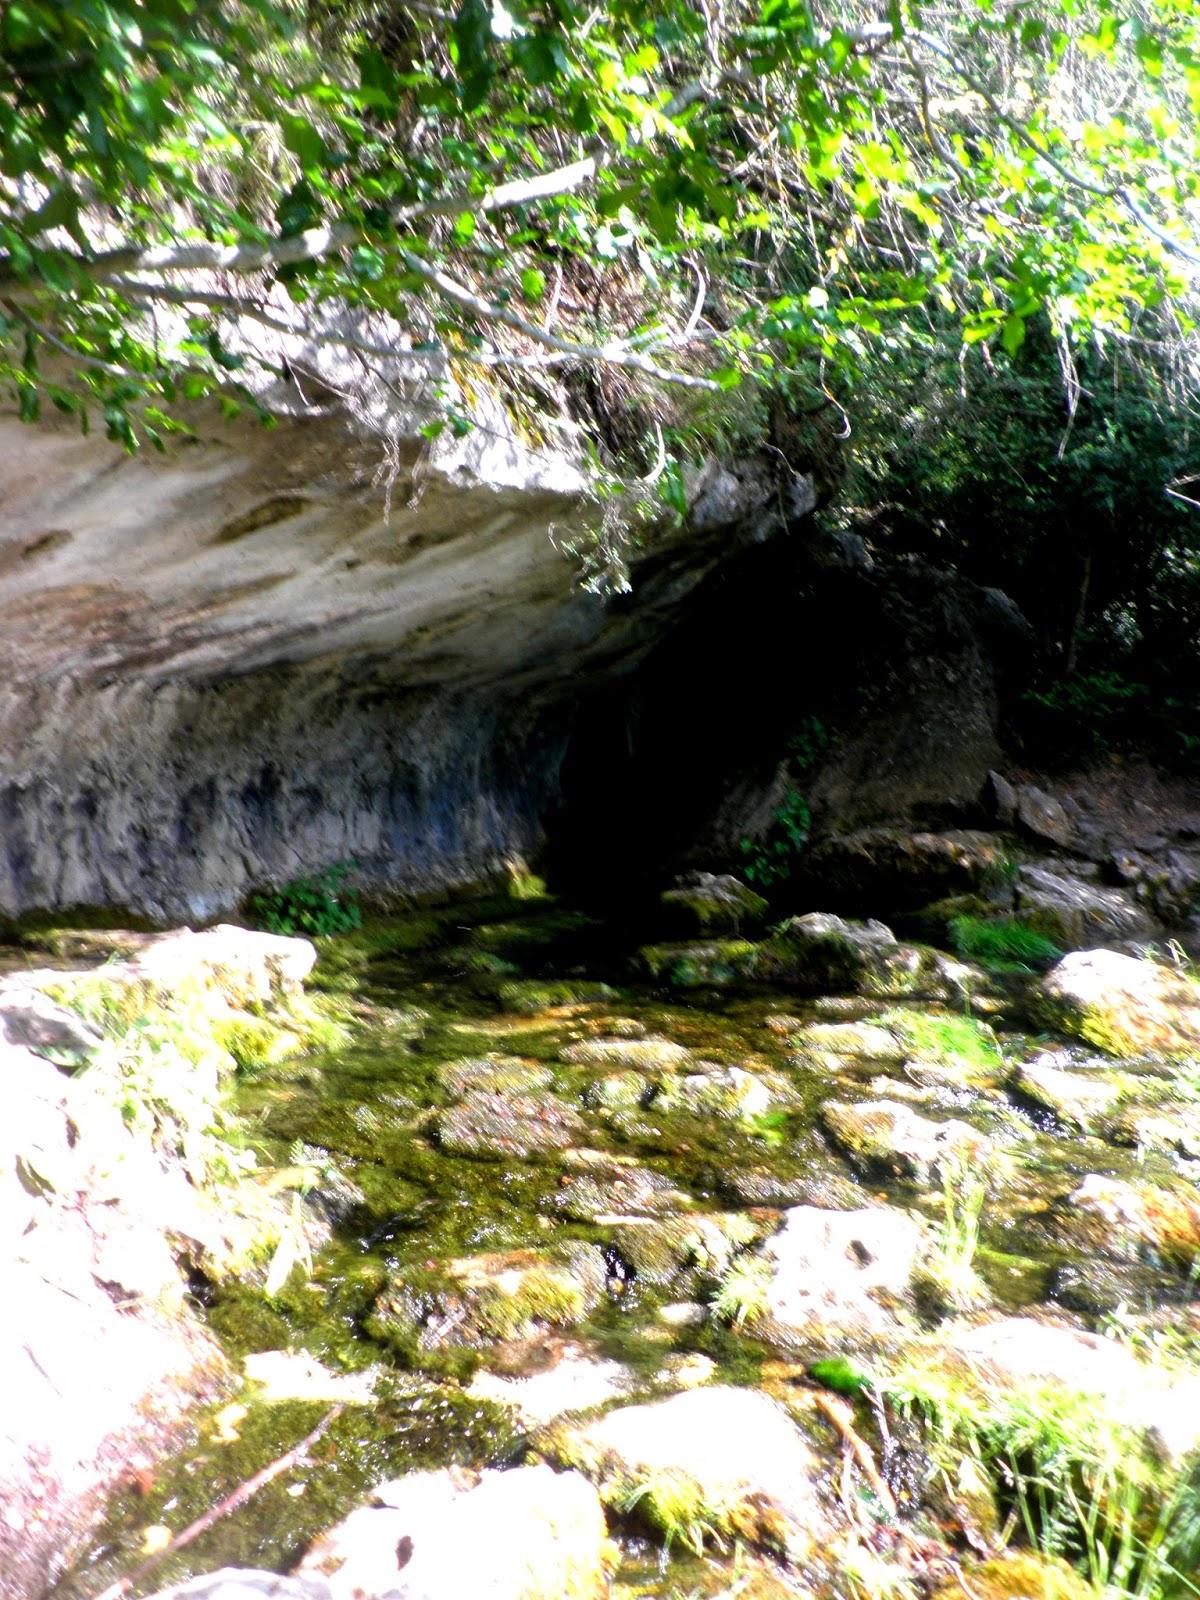 Manantial donde nace el río Cuervo